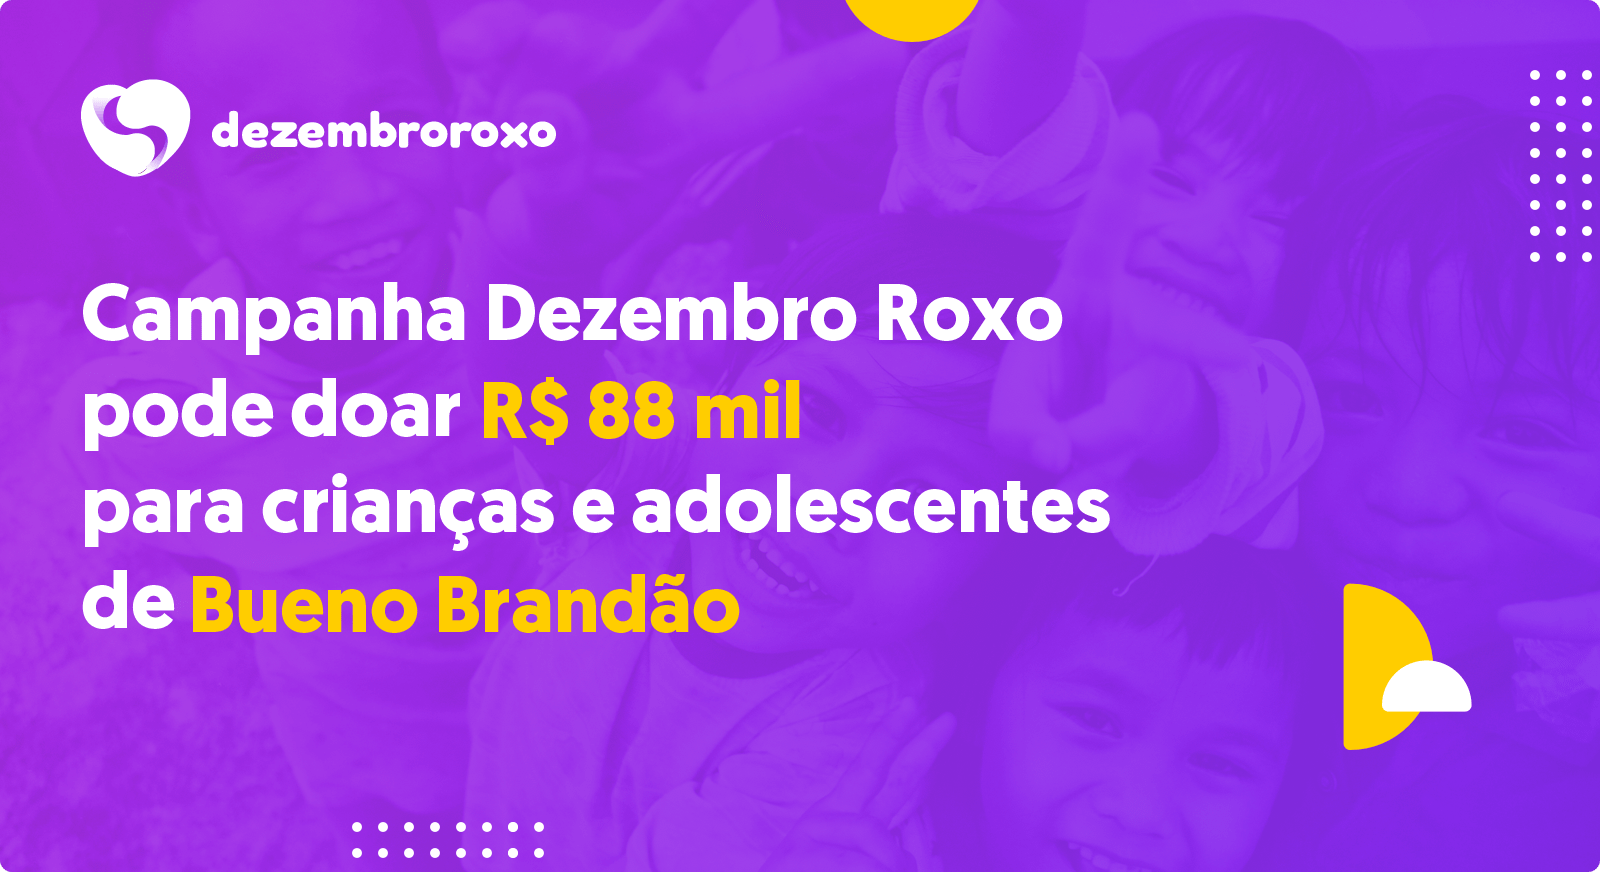 Doações em Bueno Brandão - MG